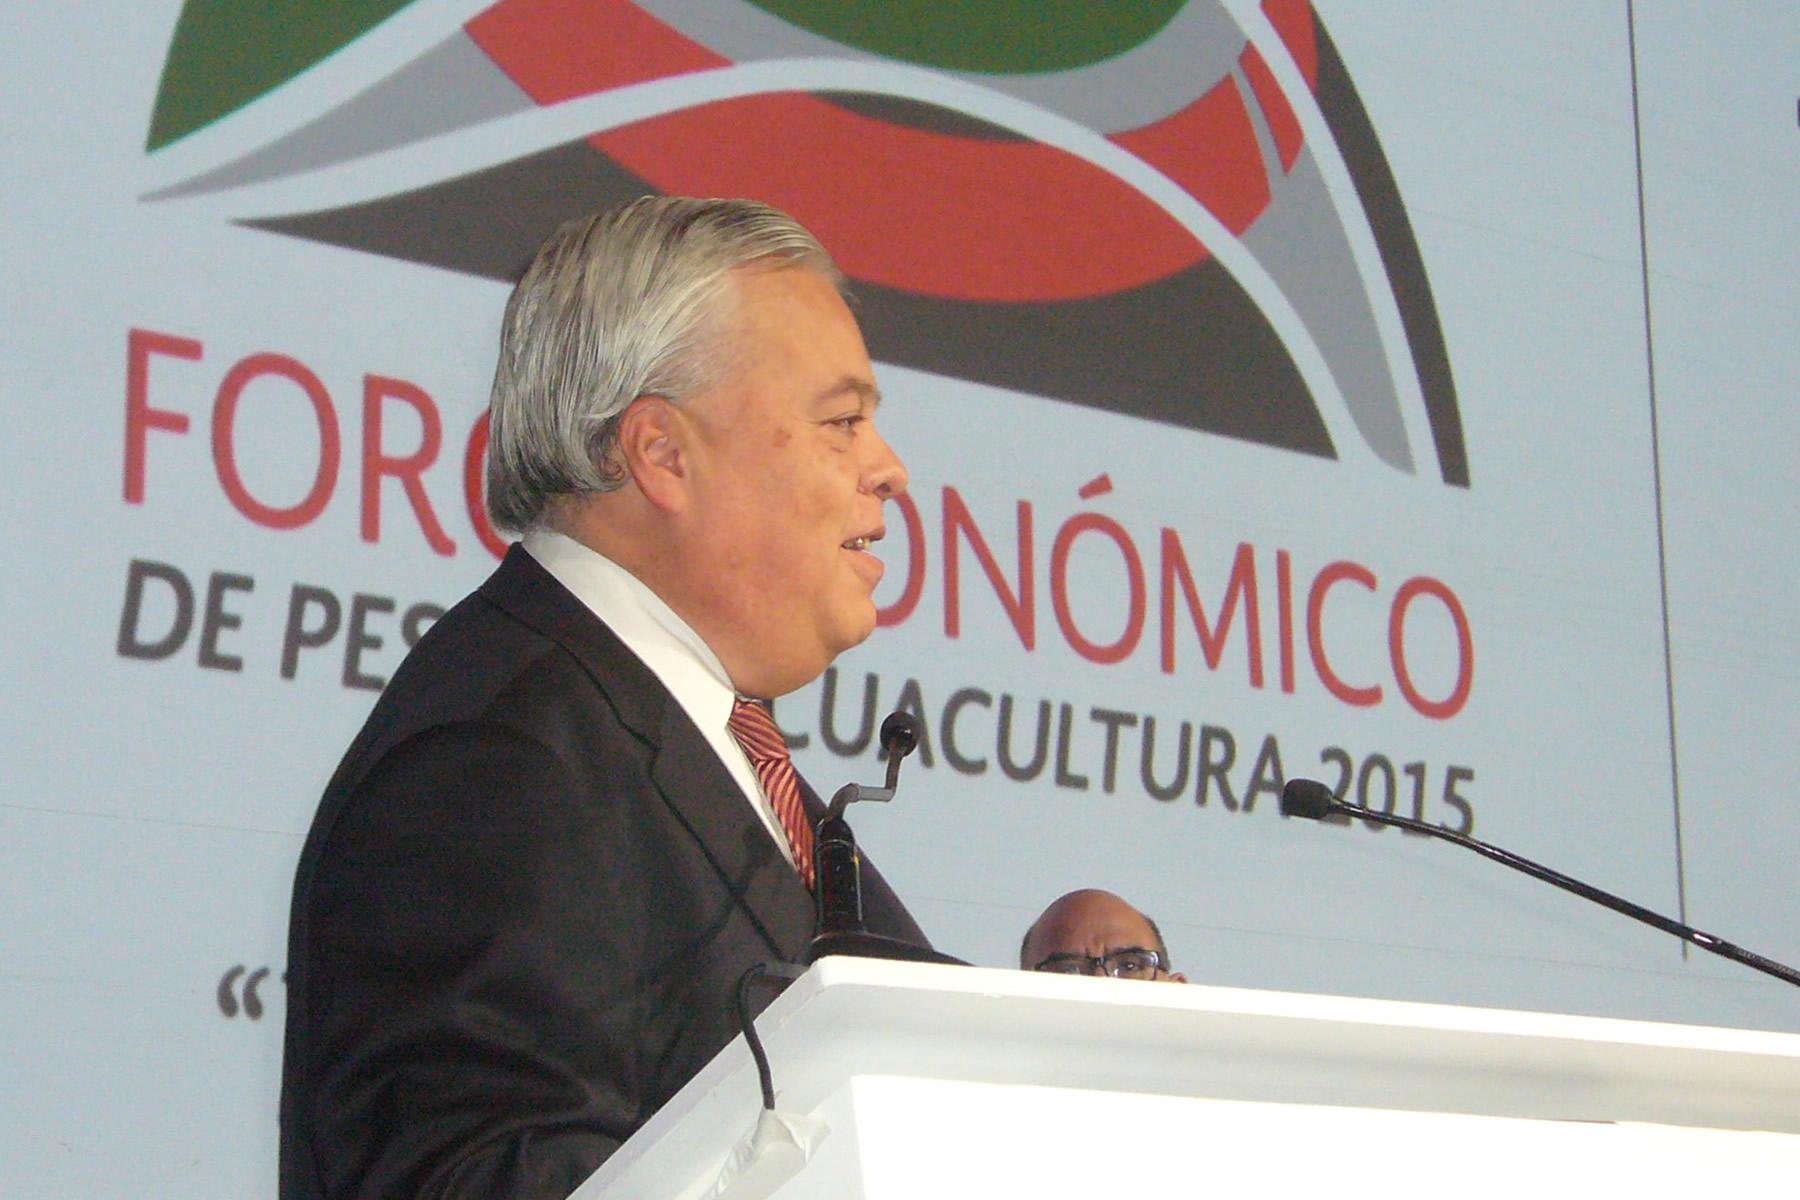 La pesquería mexicana de túnidos protege a las especies marinas, particularmente a delfines, e impulsa una producción altamente sustentable.